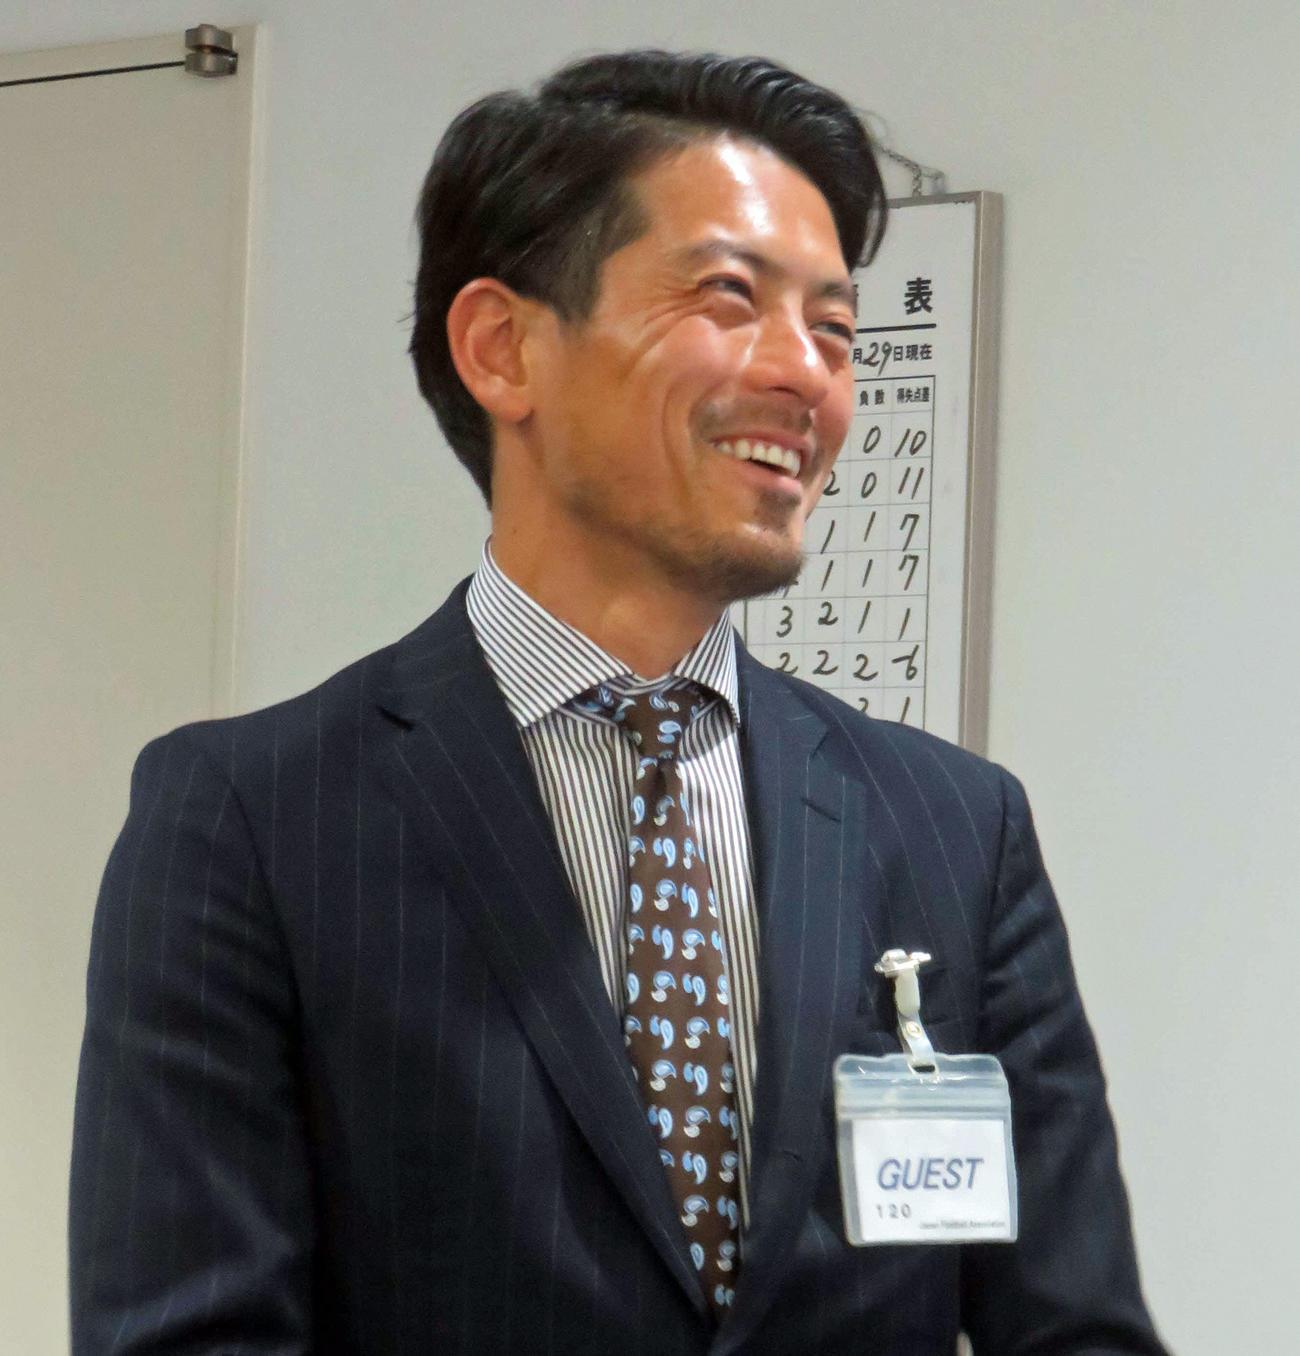 鈴木啓太氏(2017年5月2日撮影)